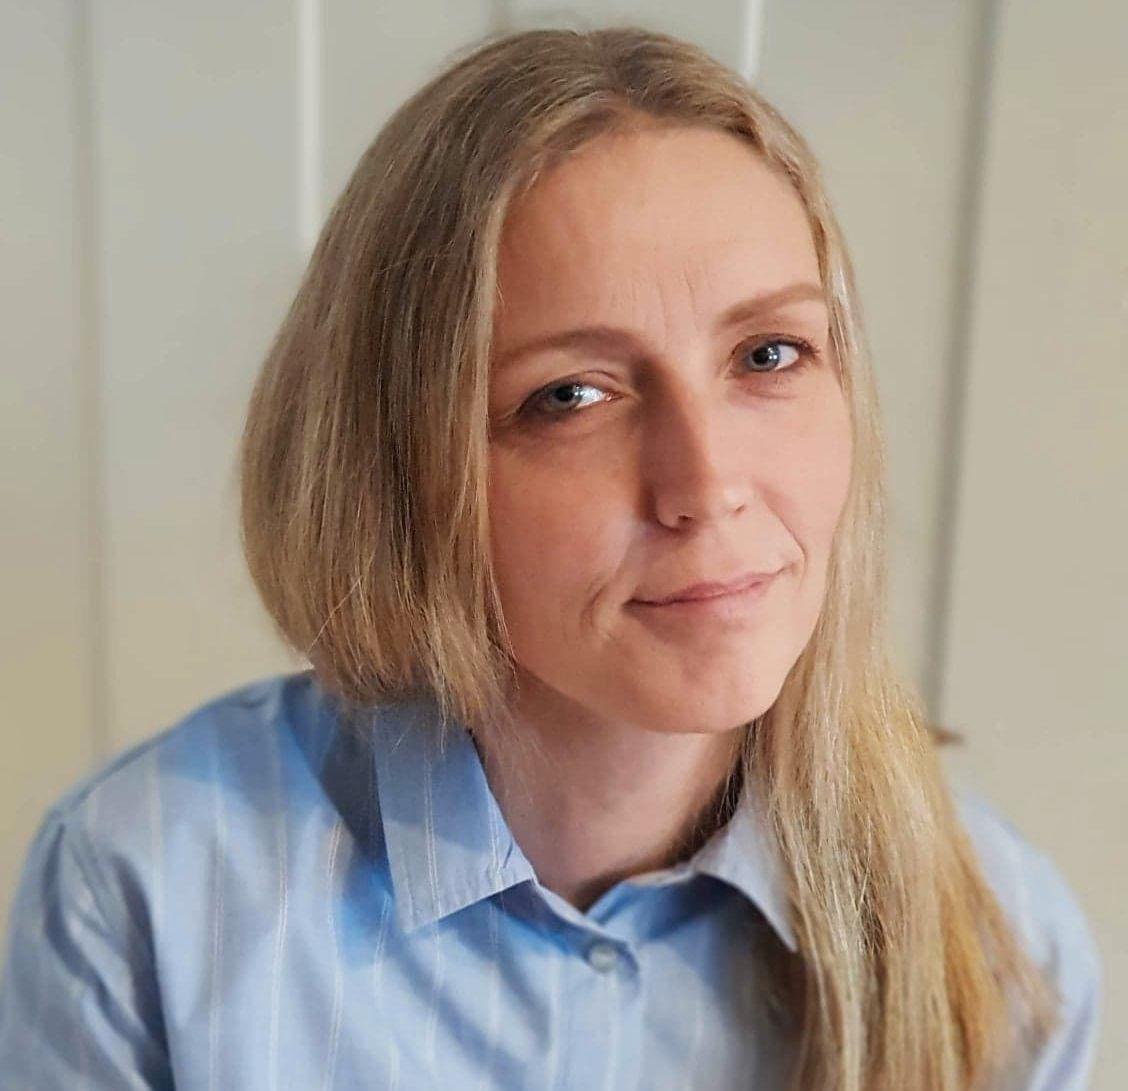 SLUTTET: Marte Gran Holte (37) var plasstillitsvalgt for jordmødrene på Gjøvik. Så bestemte hun seg for å slutte.